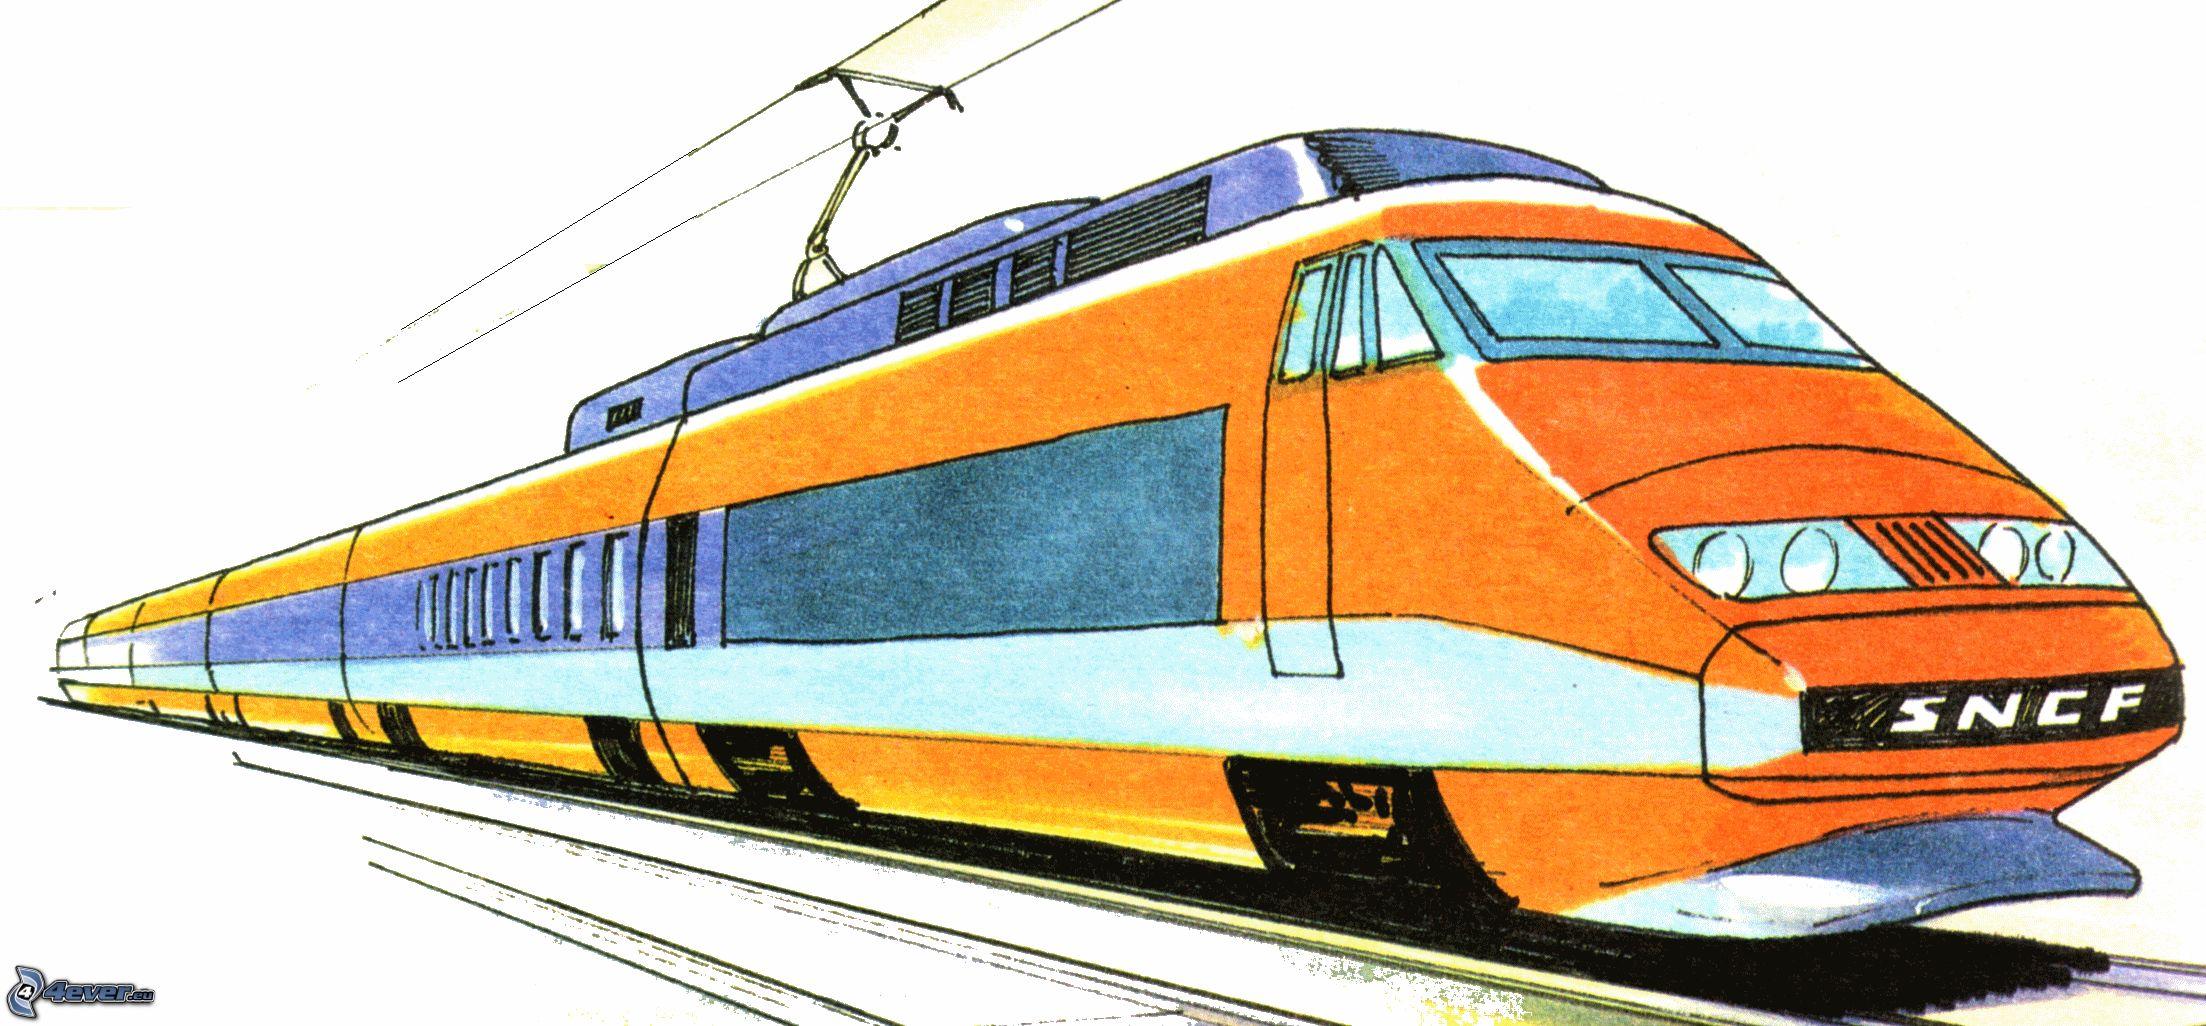 Tgv - Train en dessin ...